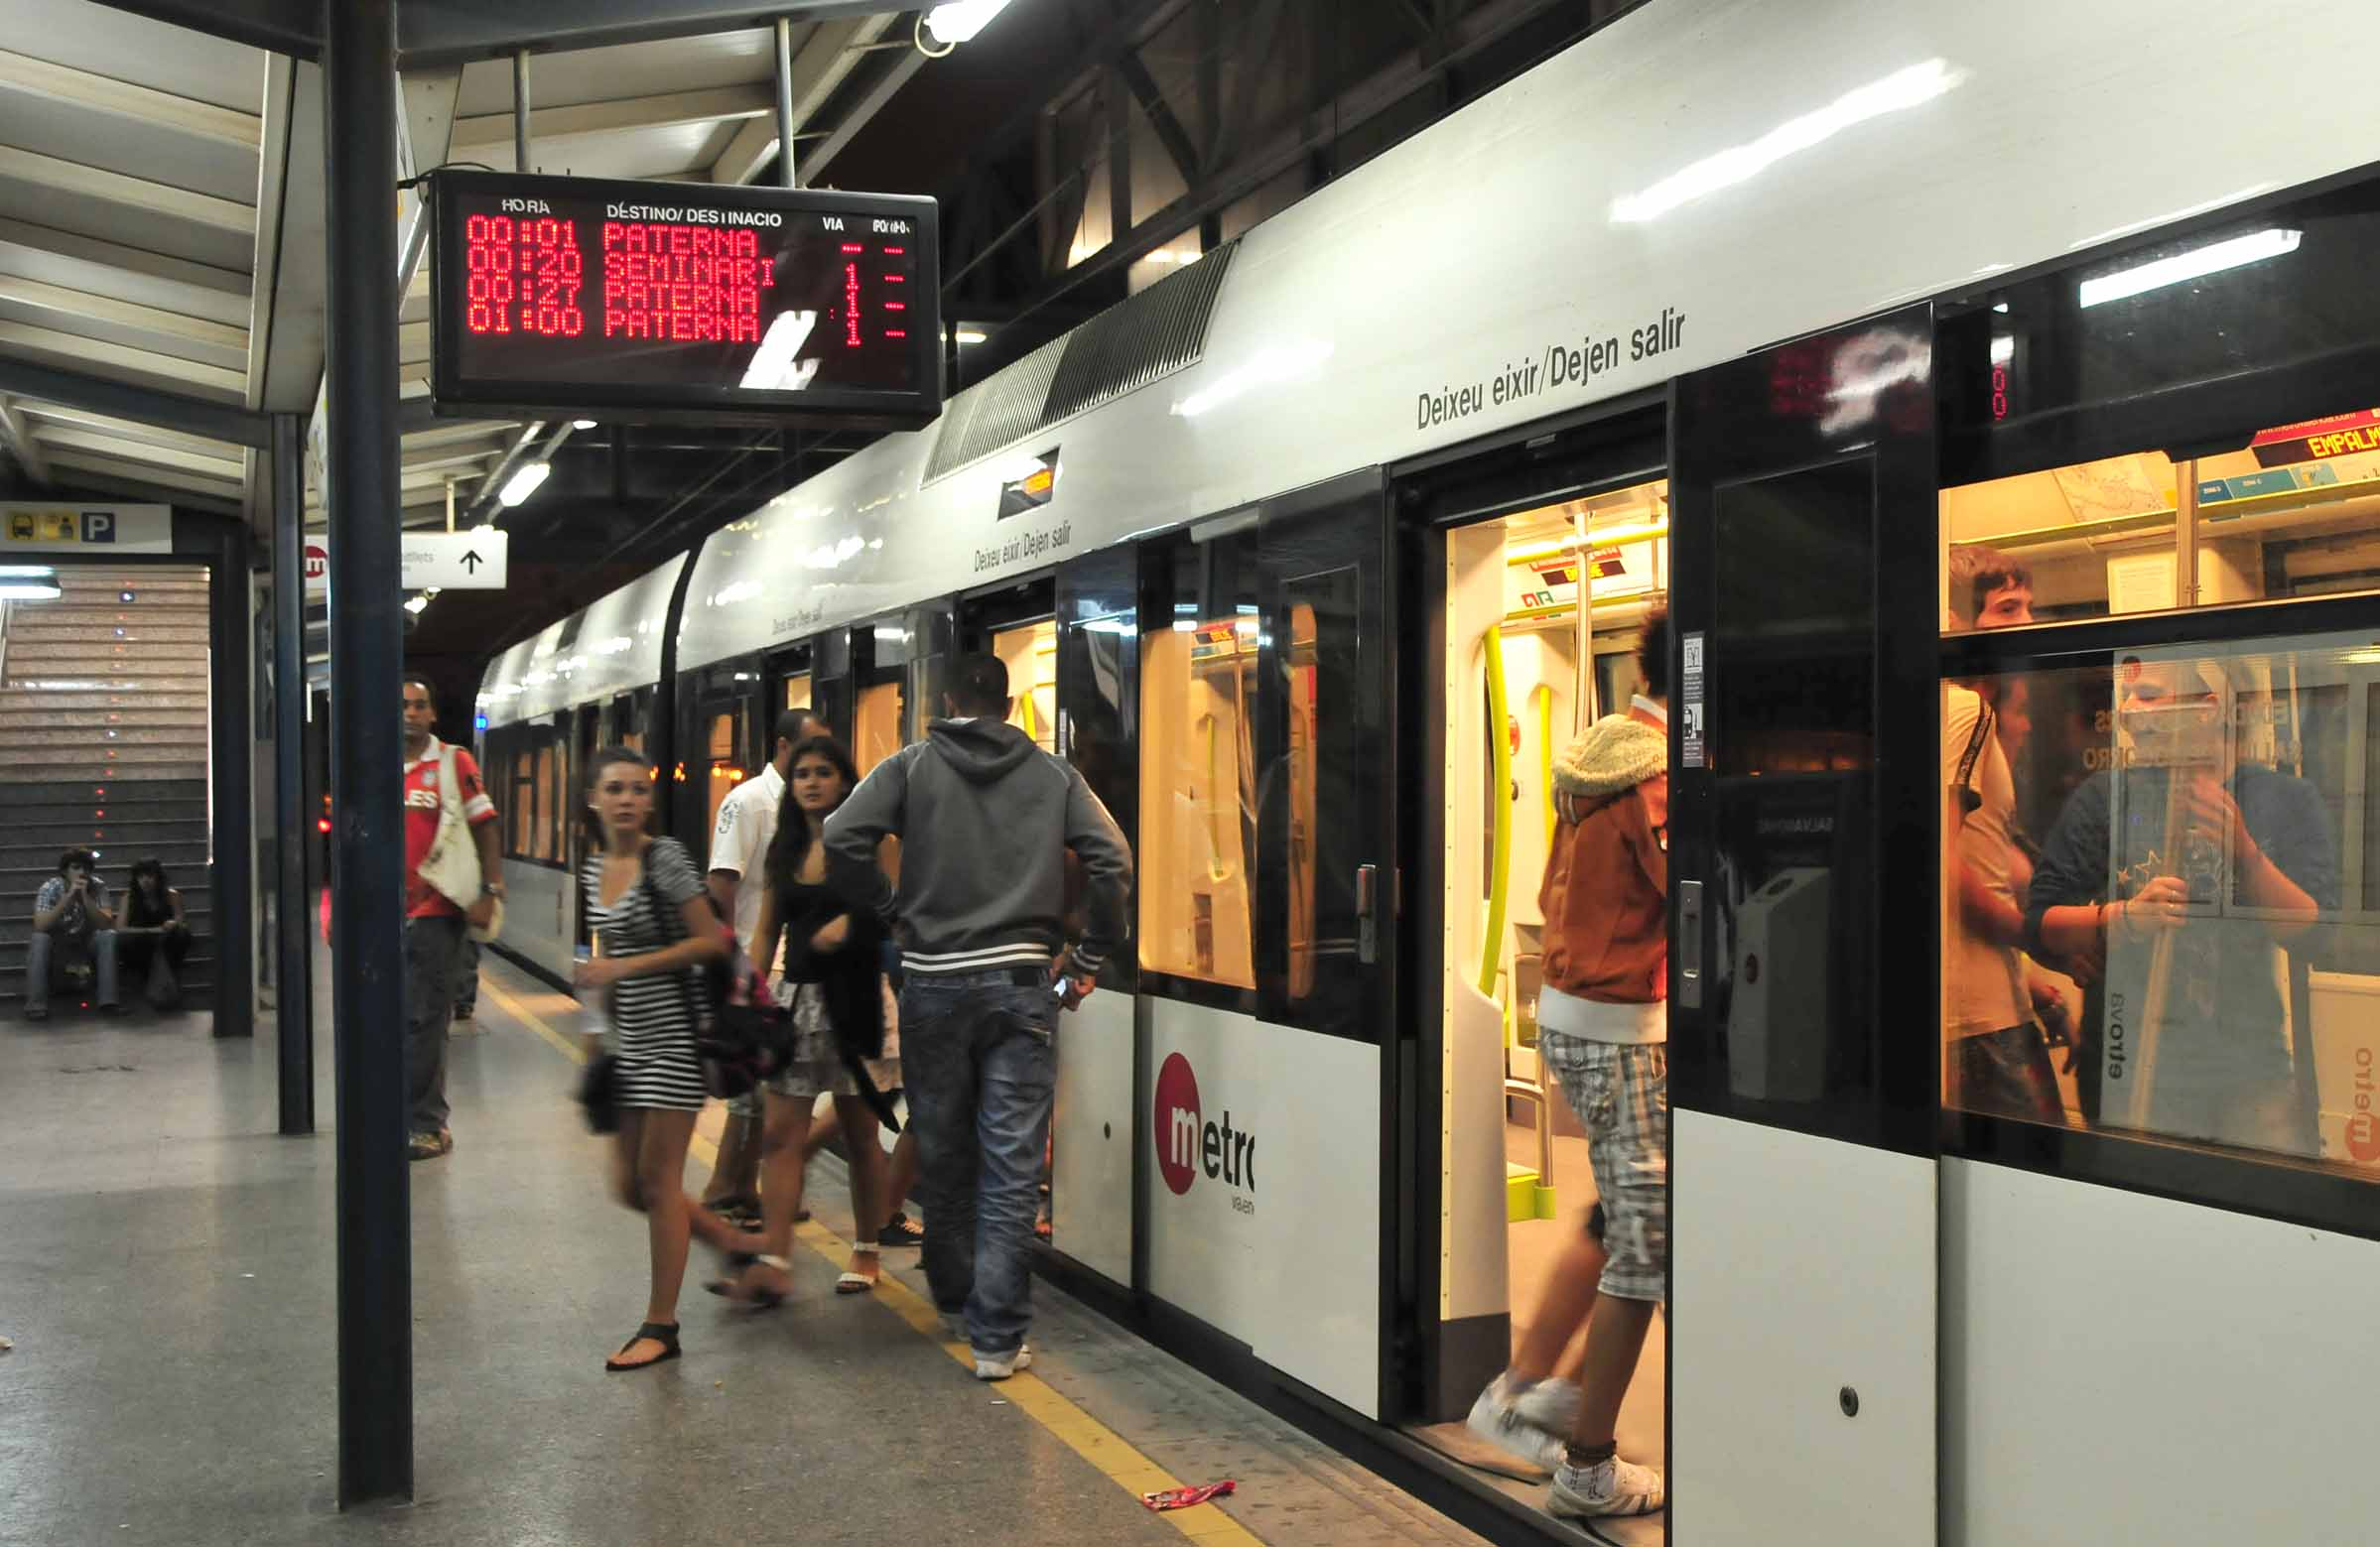 El servicio nocturno de Metrovalencia facilita el sábado día 24 el acceso a Paterna para disfrutar de la cordà en el cohetódromo